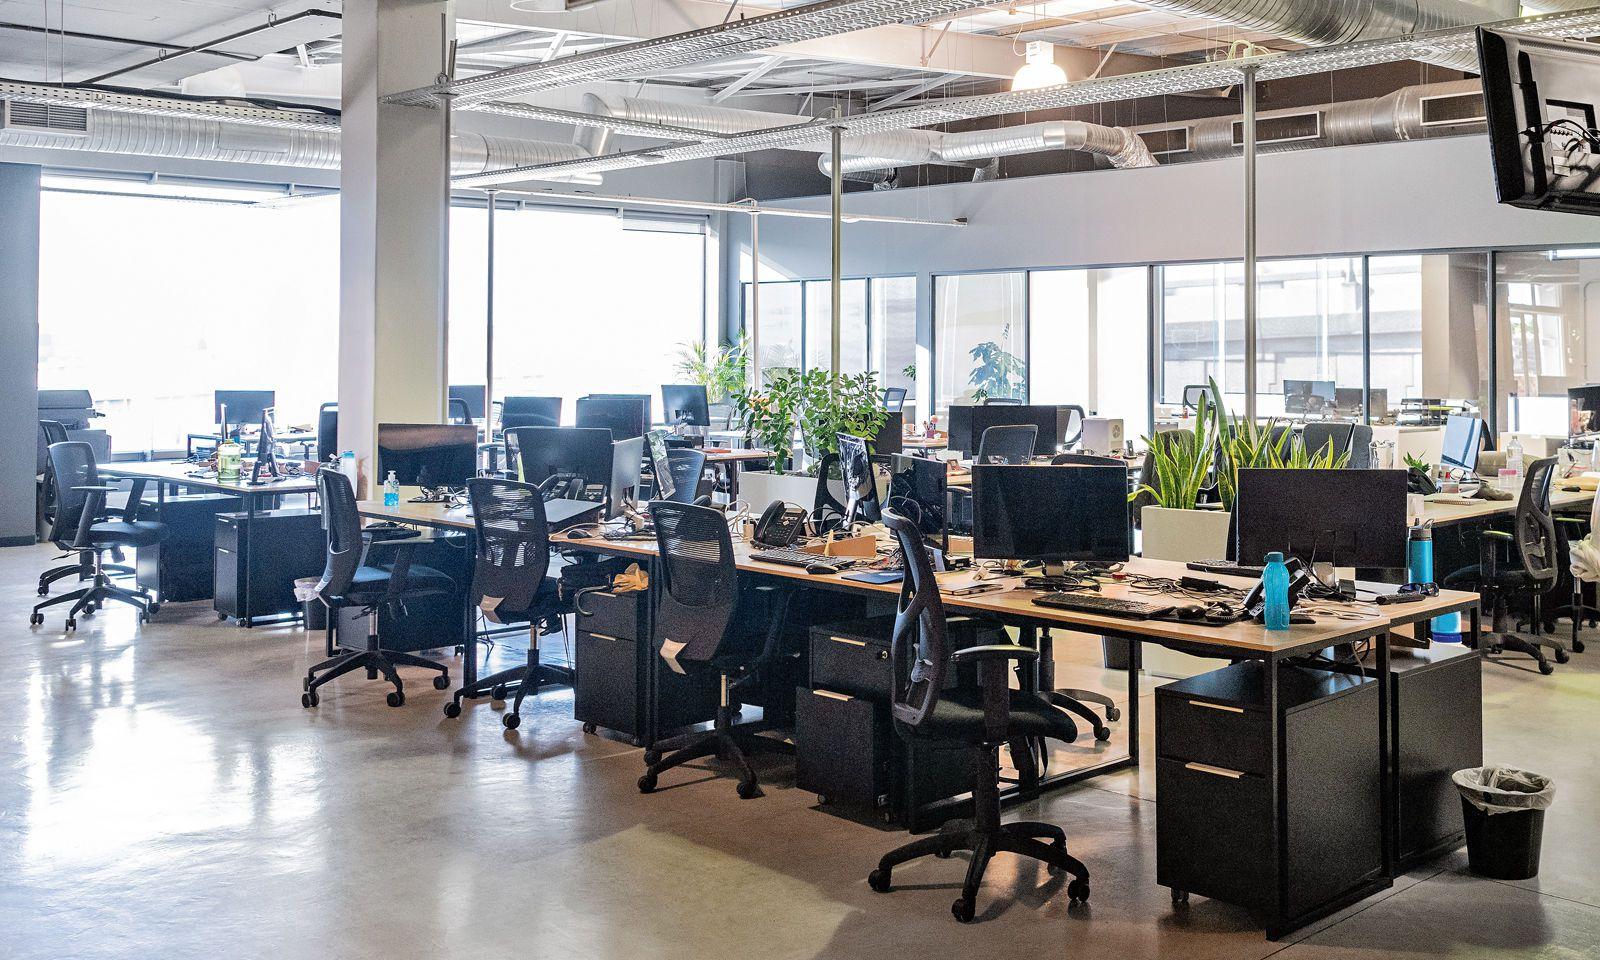 Desksharing oder doch fixe Arbeitsplätze? Nach dem Sharing-Boom ist wieder ein Umdenken zu spüren.